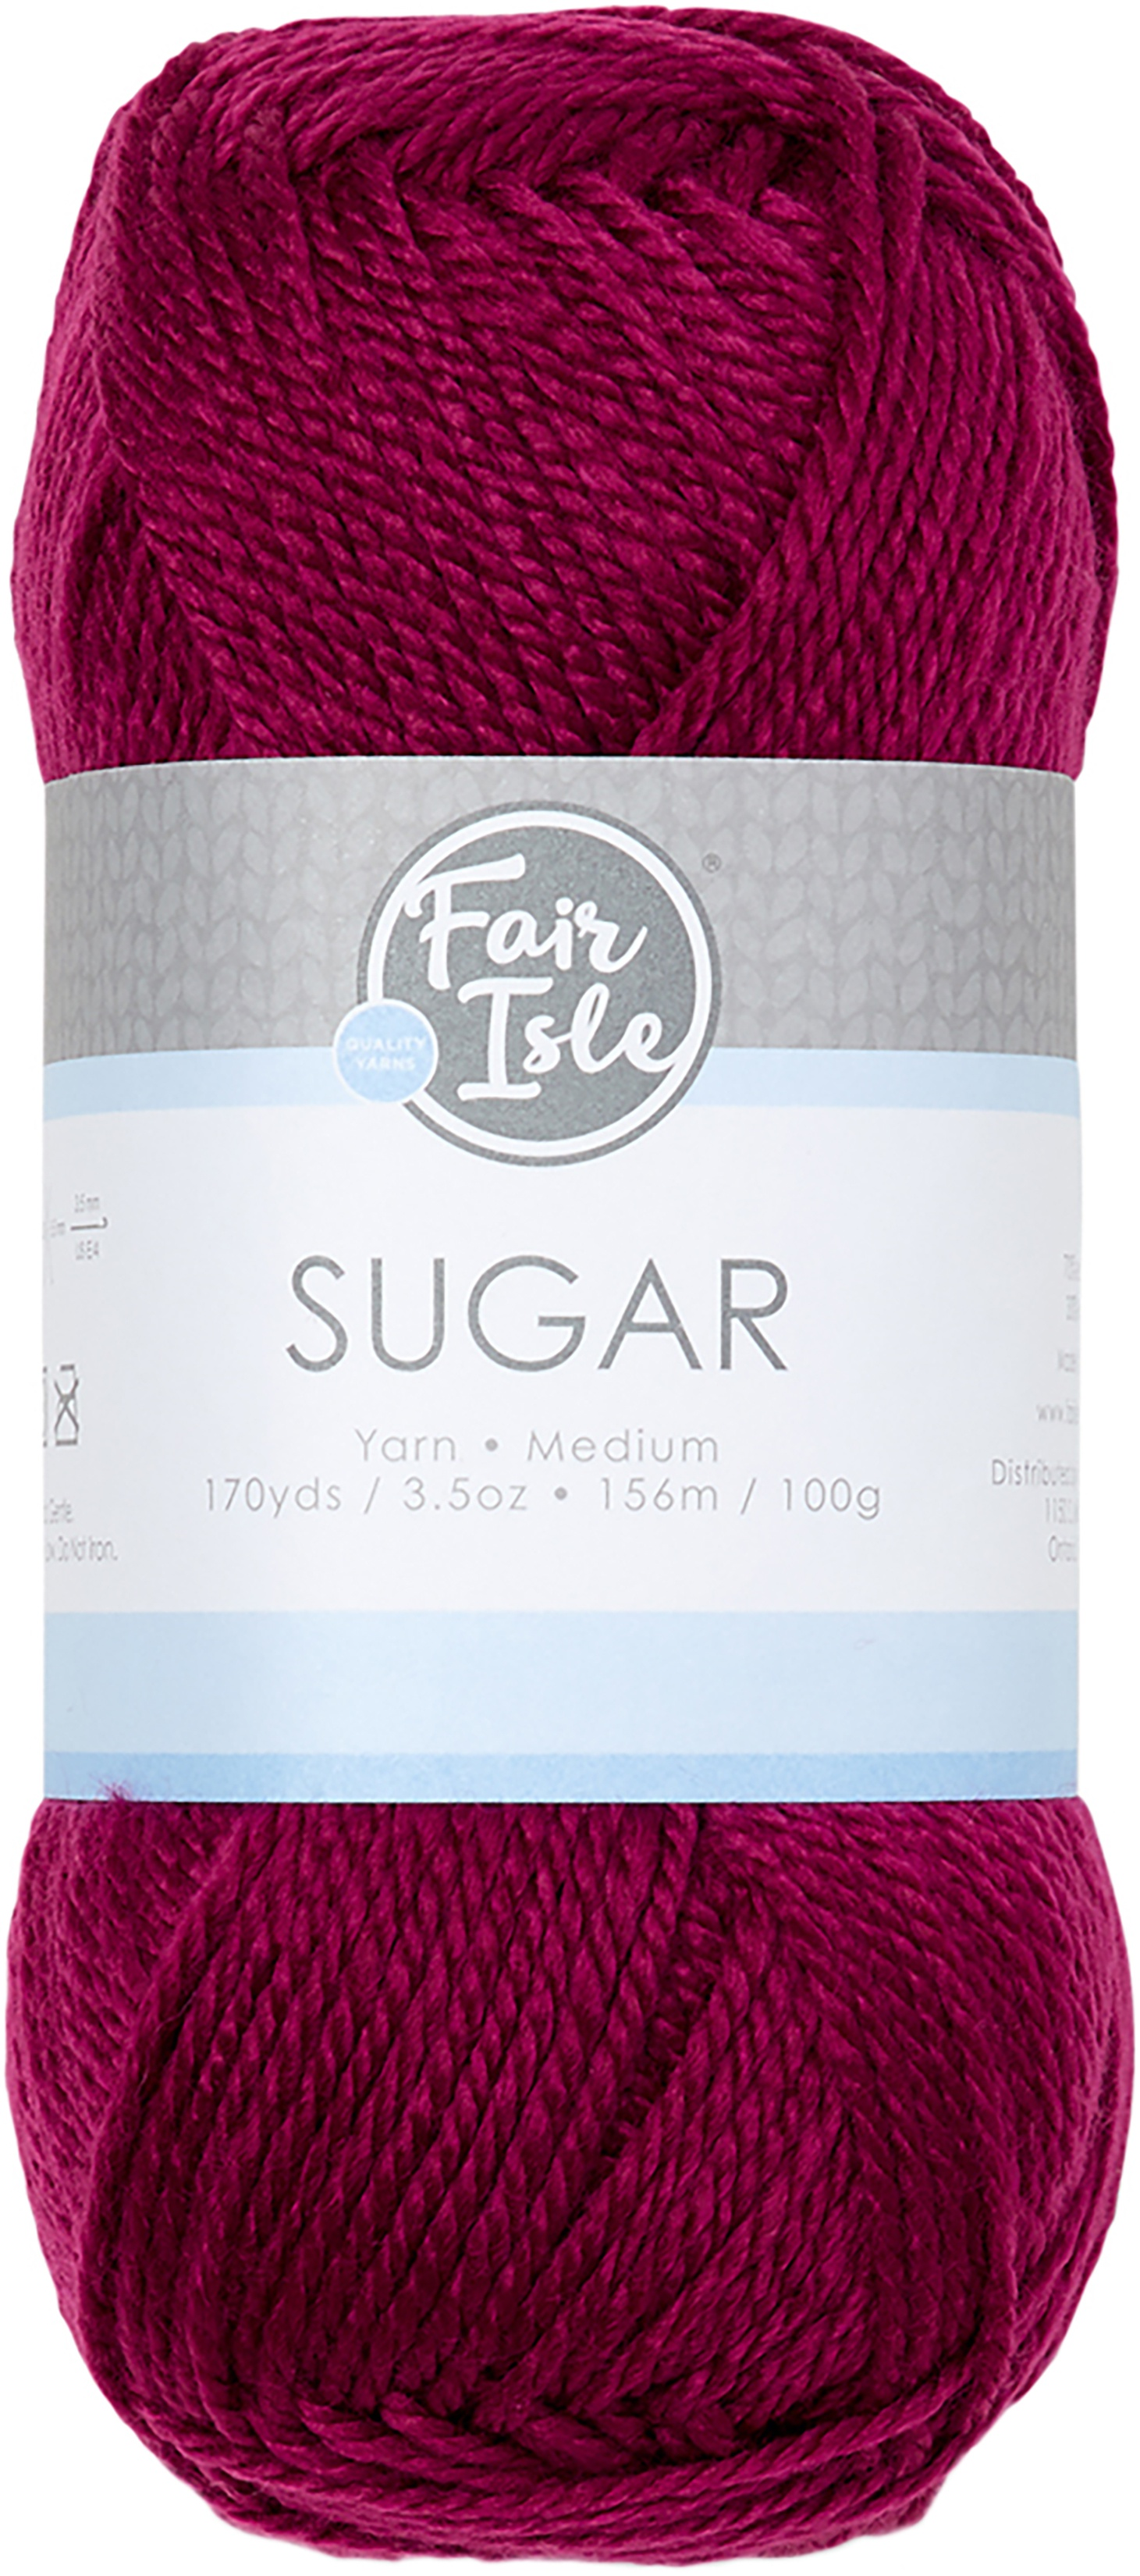 Fair Isle Sugar Yarn-Burgundy